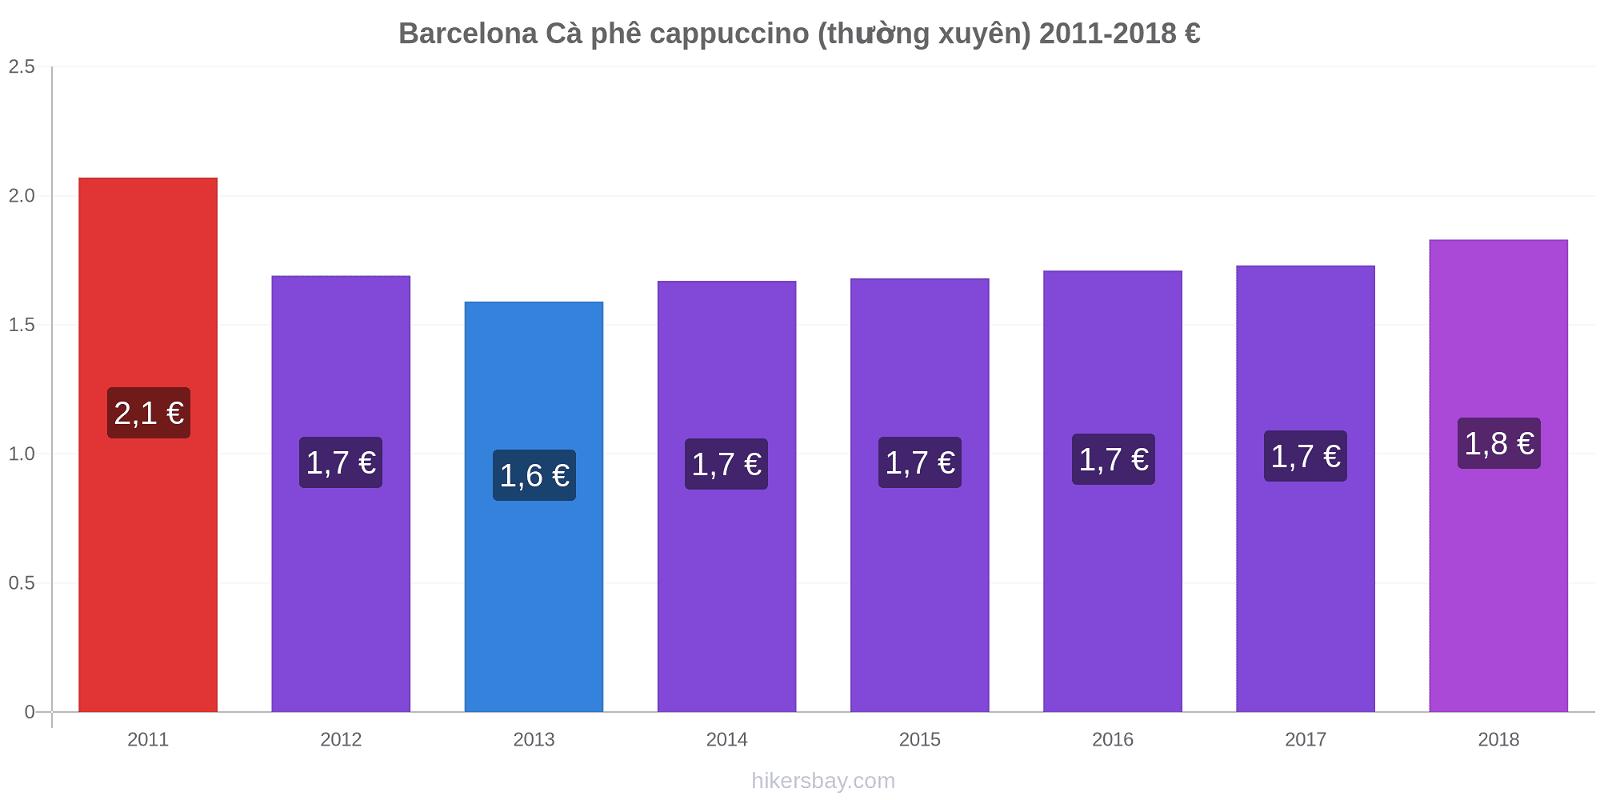 Barcelona thay đổi giá Cà phê cappuccino (thường xuyên) hikersbay.com